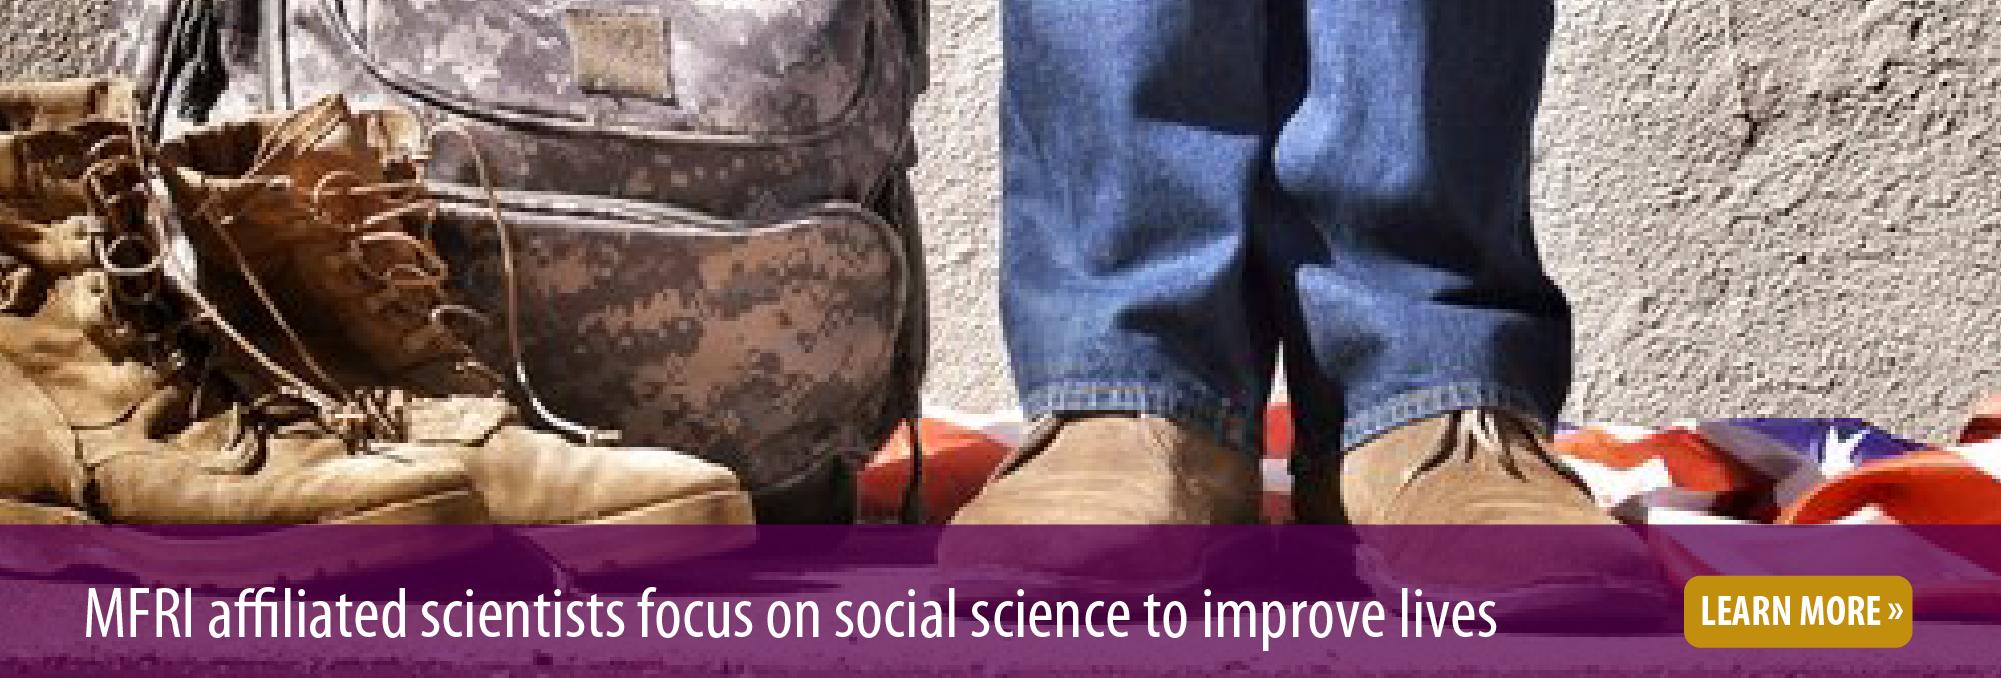 Why social science spotlight